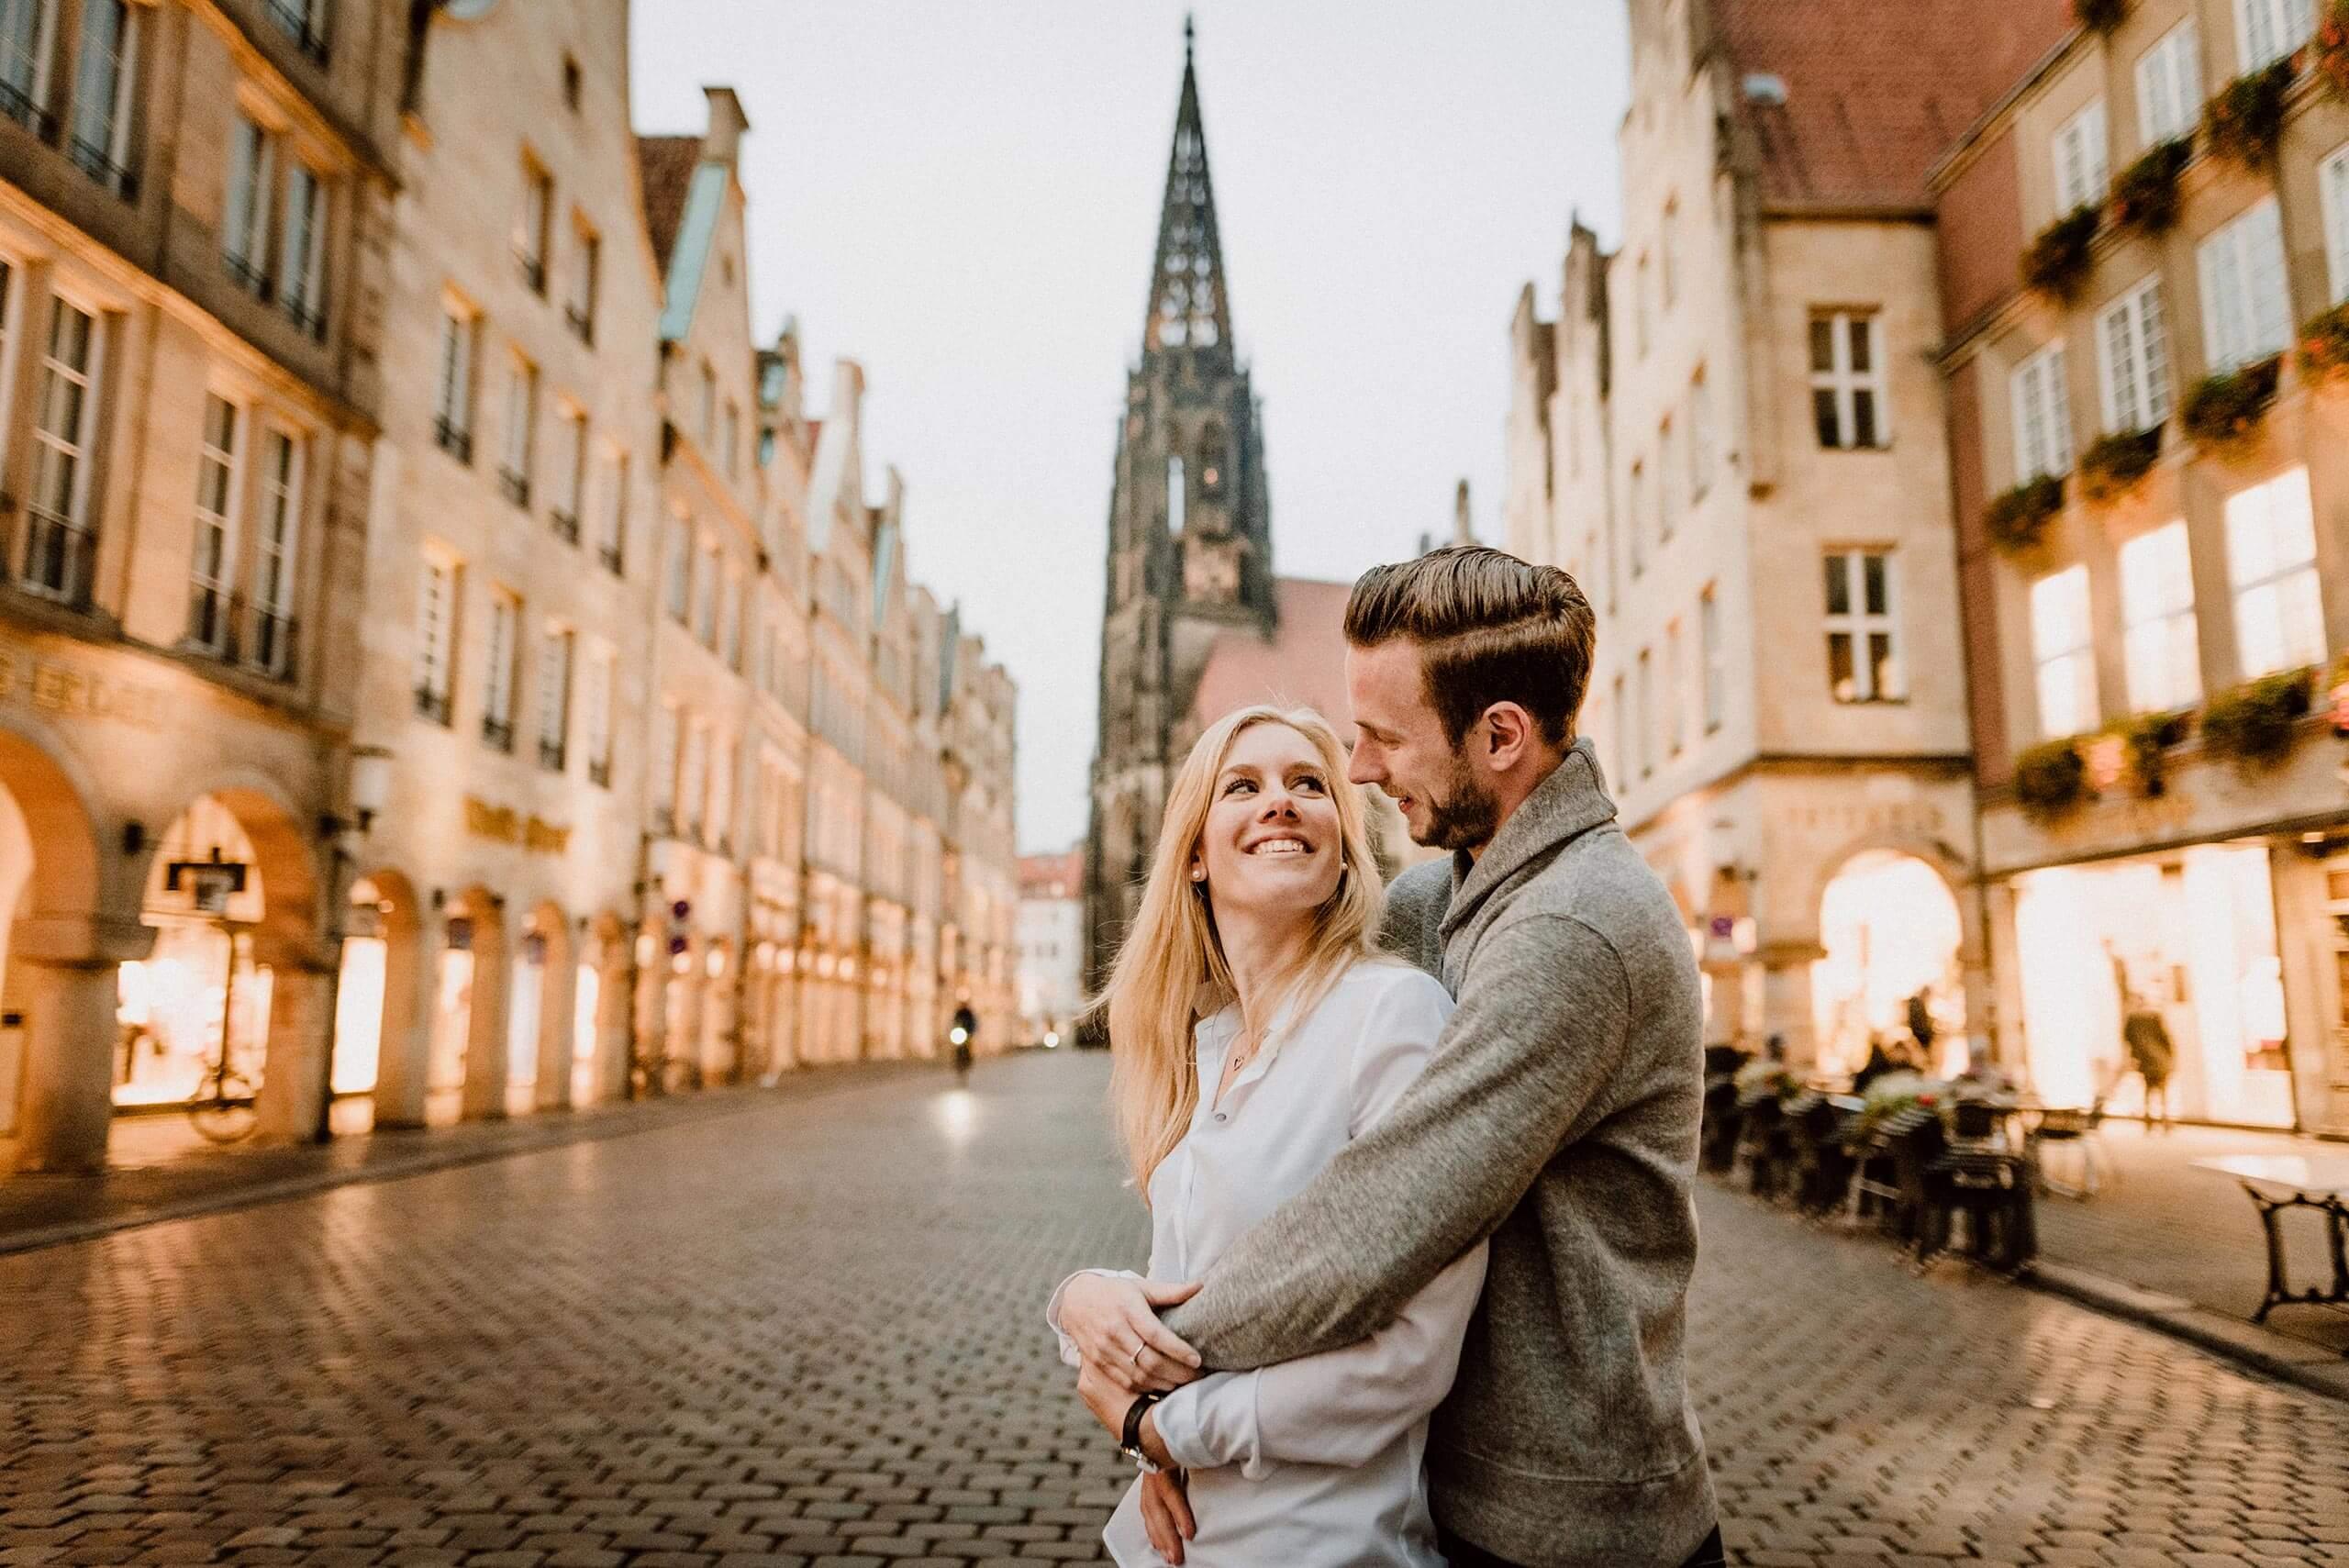 Hochzeitsfotograf Mnster Crea Pix Fotografie  Design